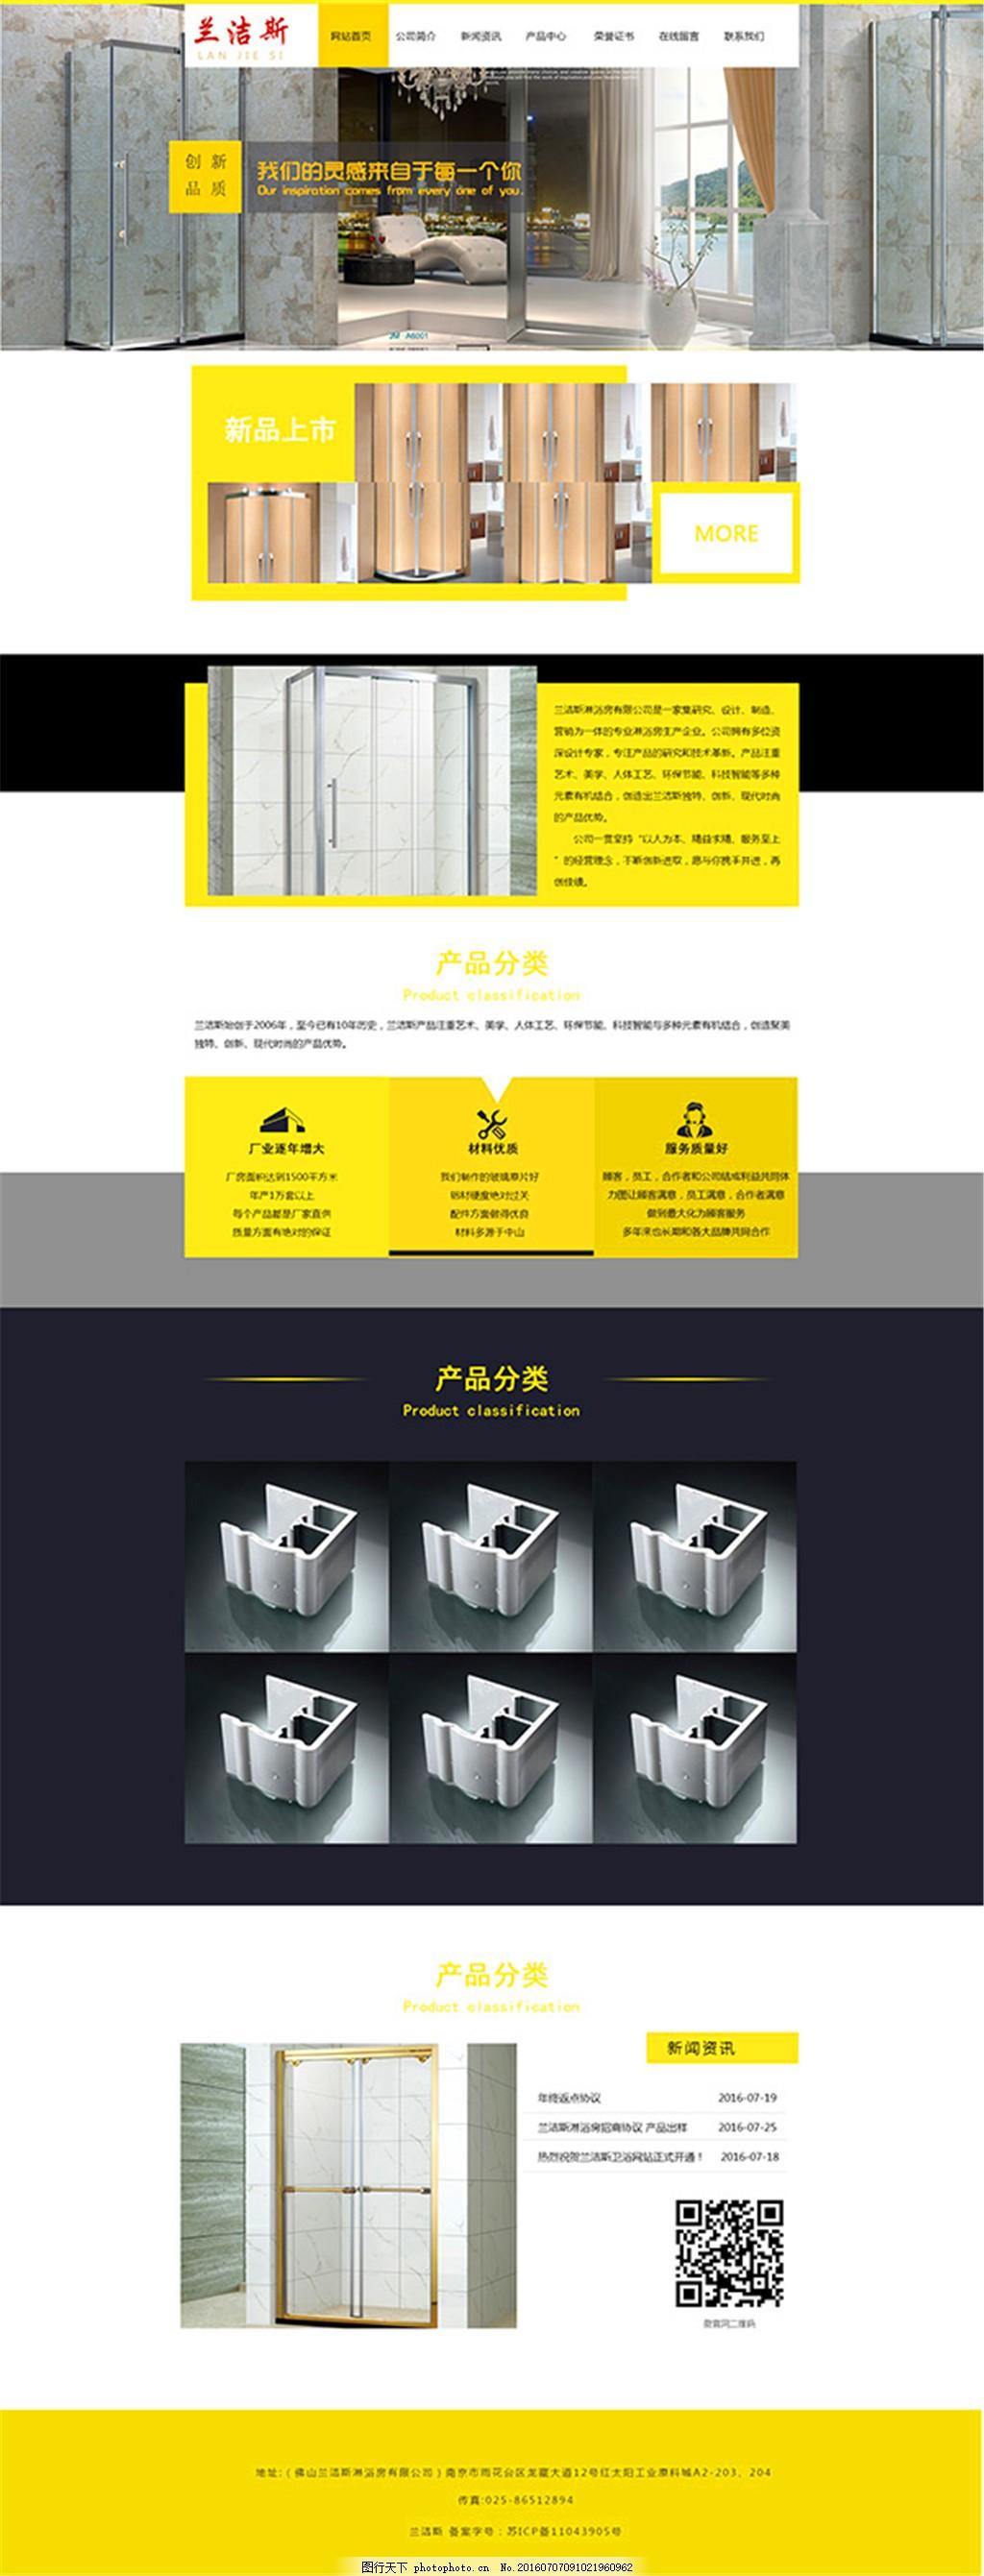 卫浴网站首页,网页设计 网页模板 网页排版 淋浴房首